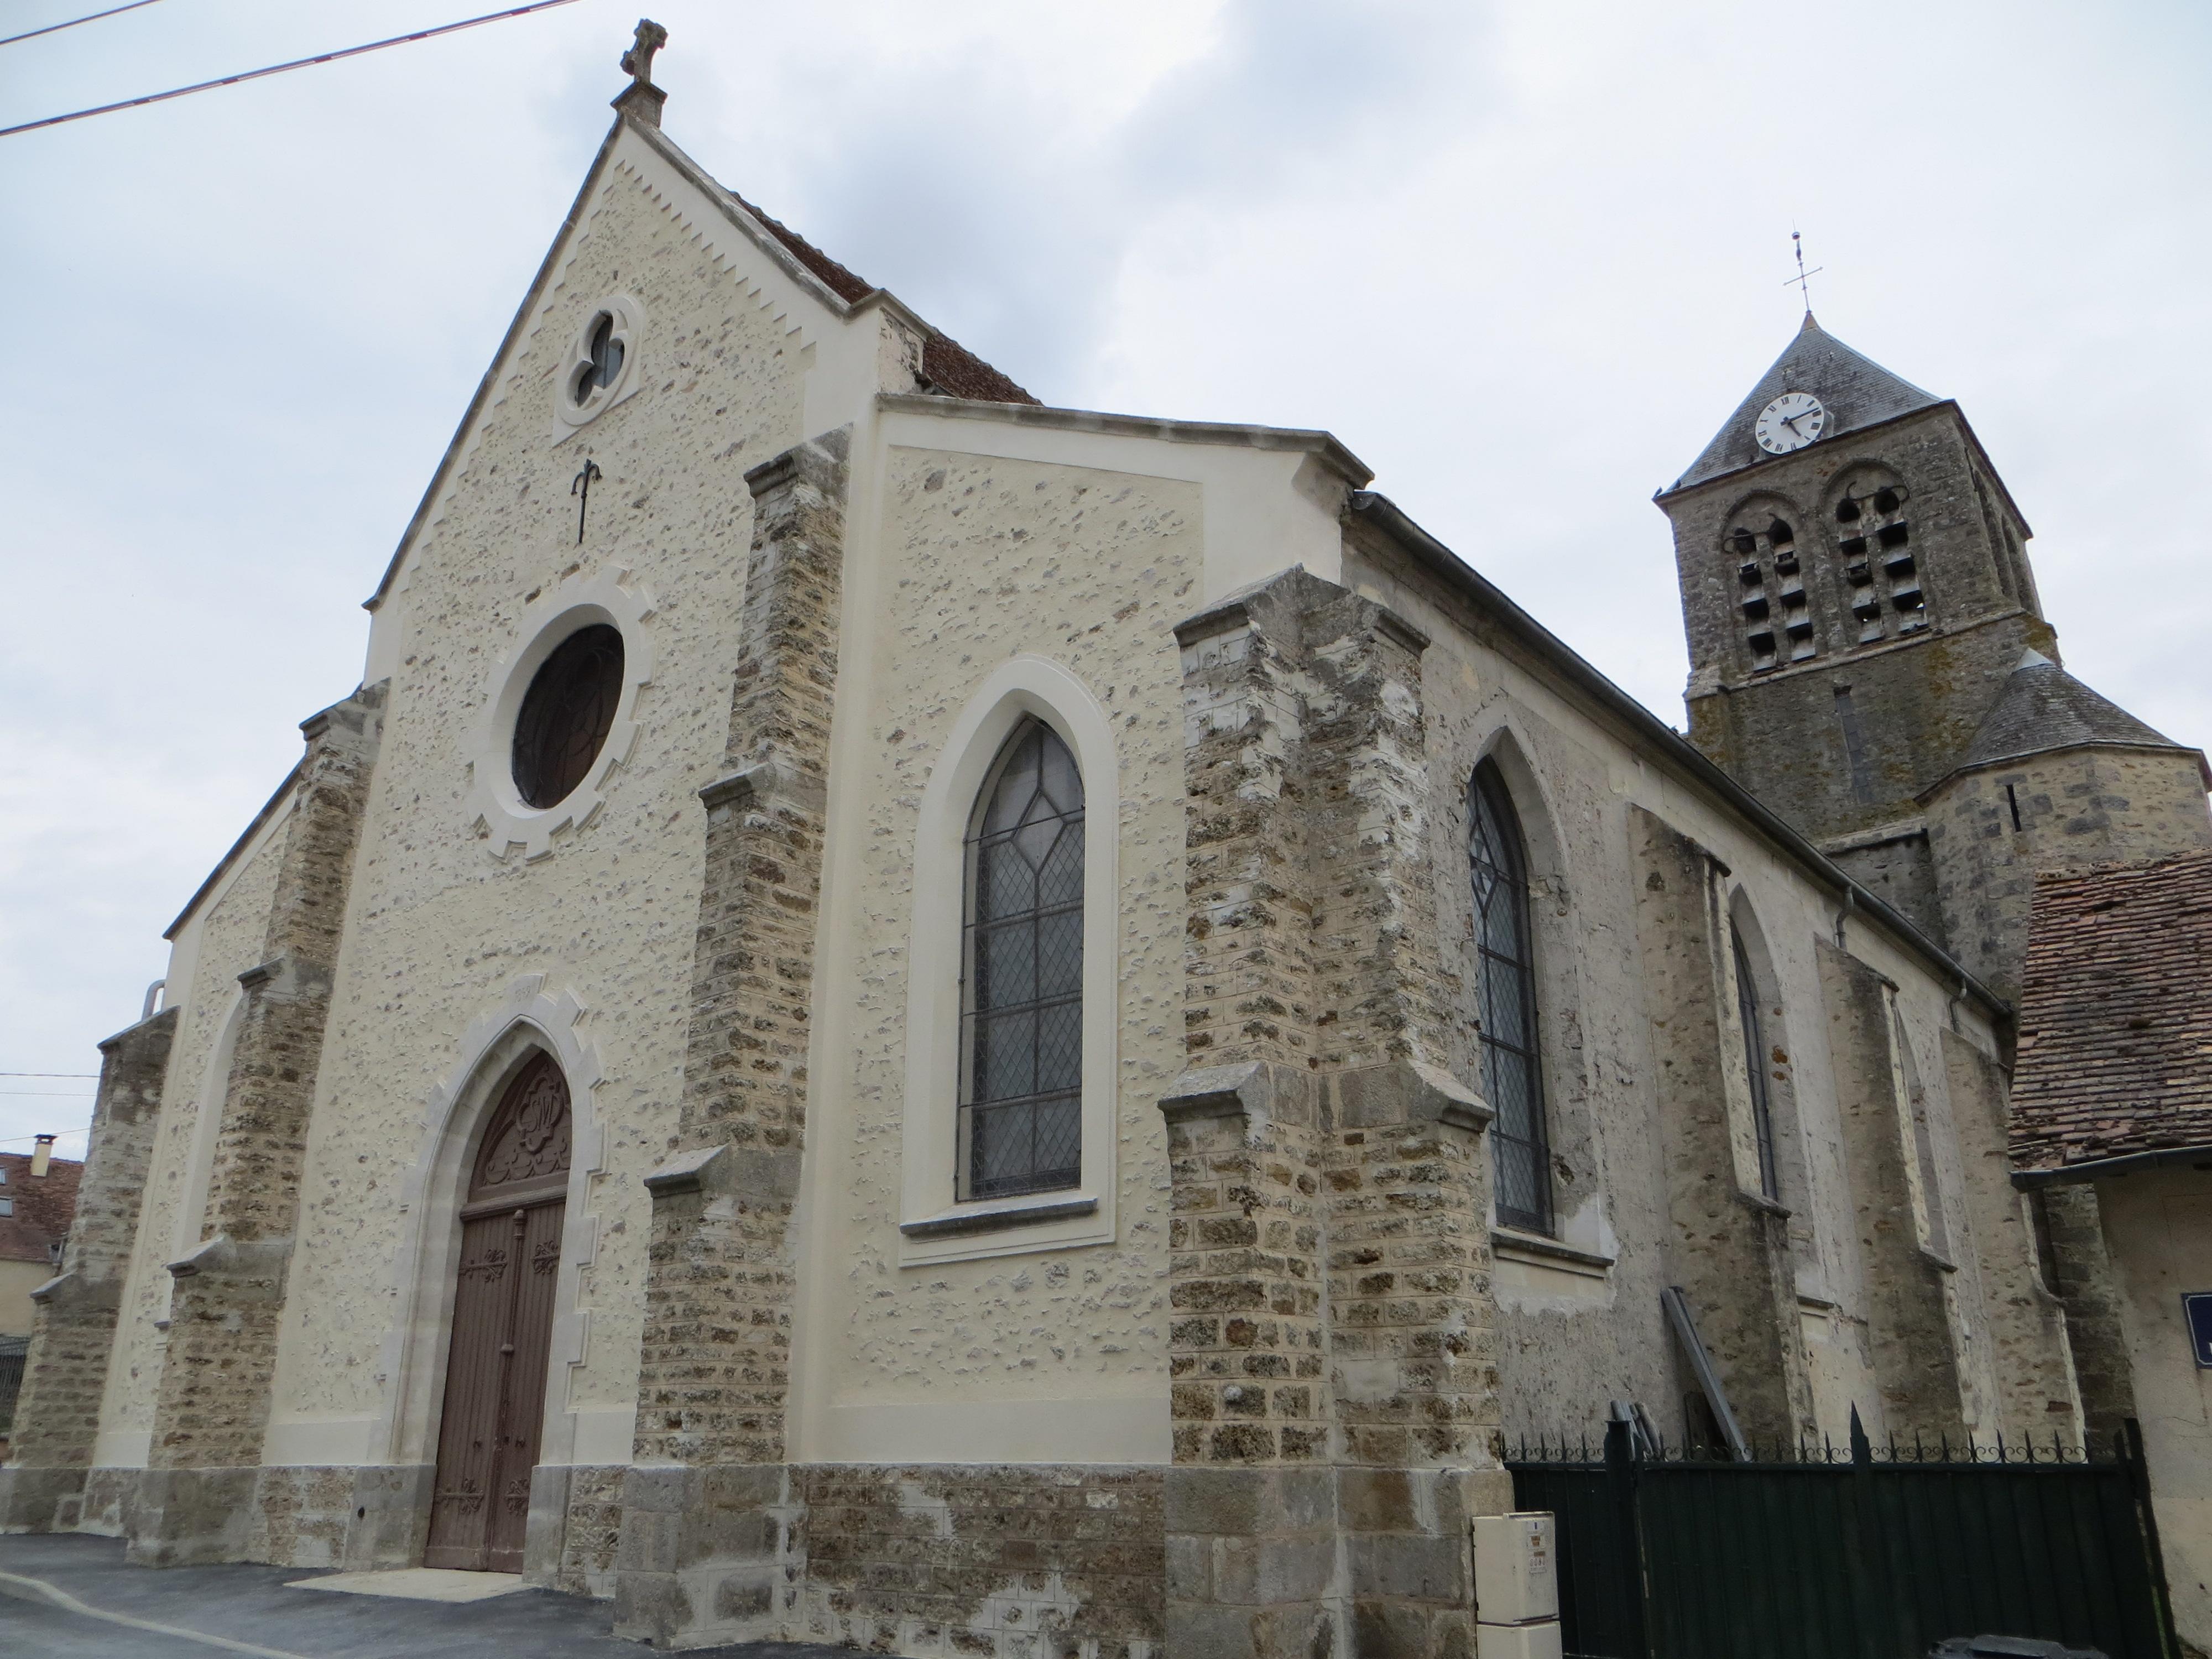 Saints (Sena i Marne)